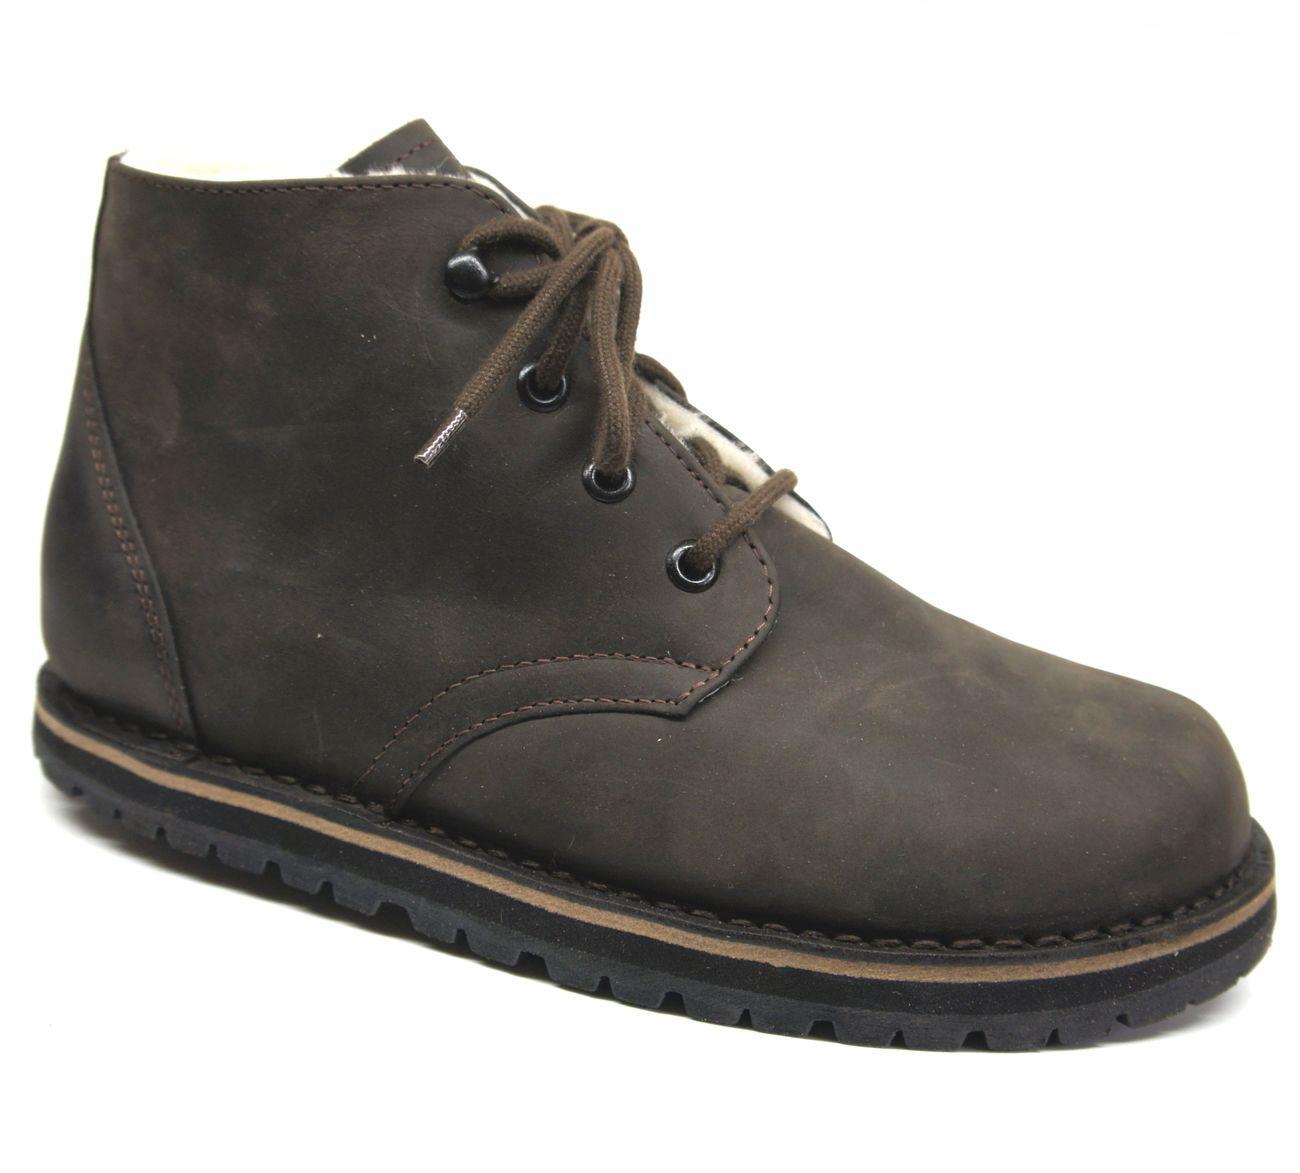 Köstinger Schuhe Schuhe Waldviertler Waldviertler Schuhe